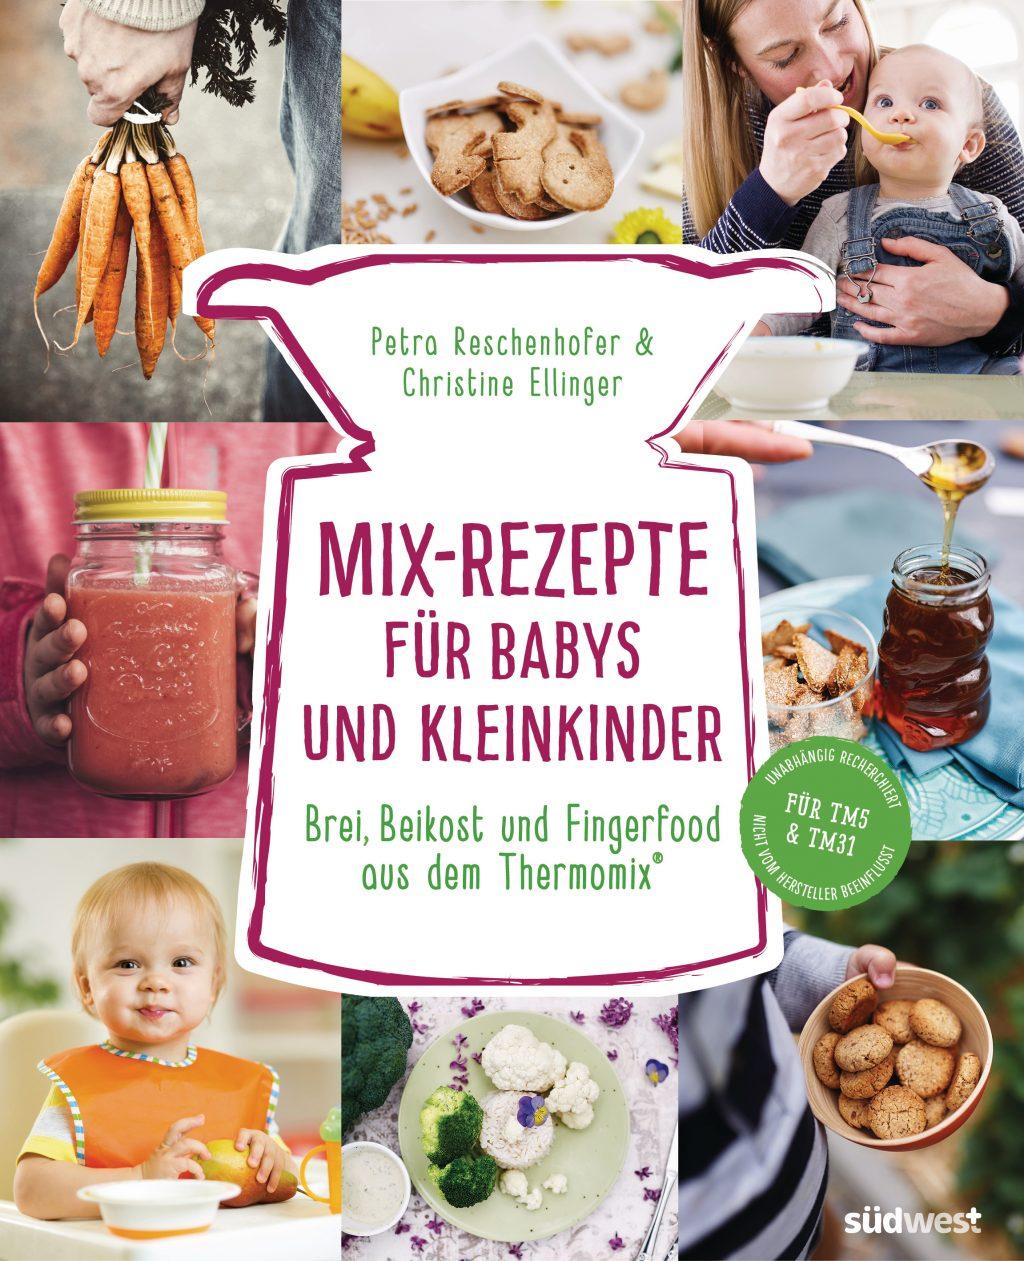 Mix-Rezepte fuer Babys und Kleinkinder von Petra Reschenhofer - Nach Anleitung unkompliziert selber kochen (Buchcove)